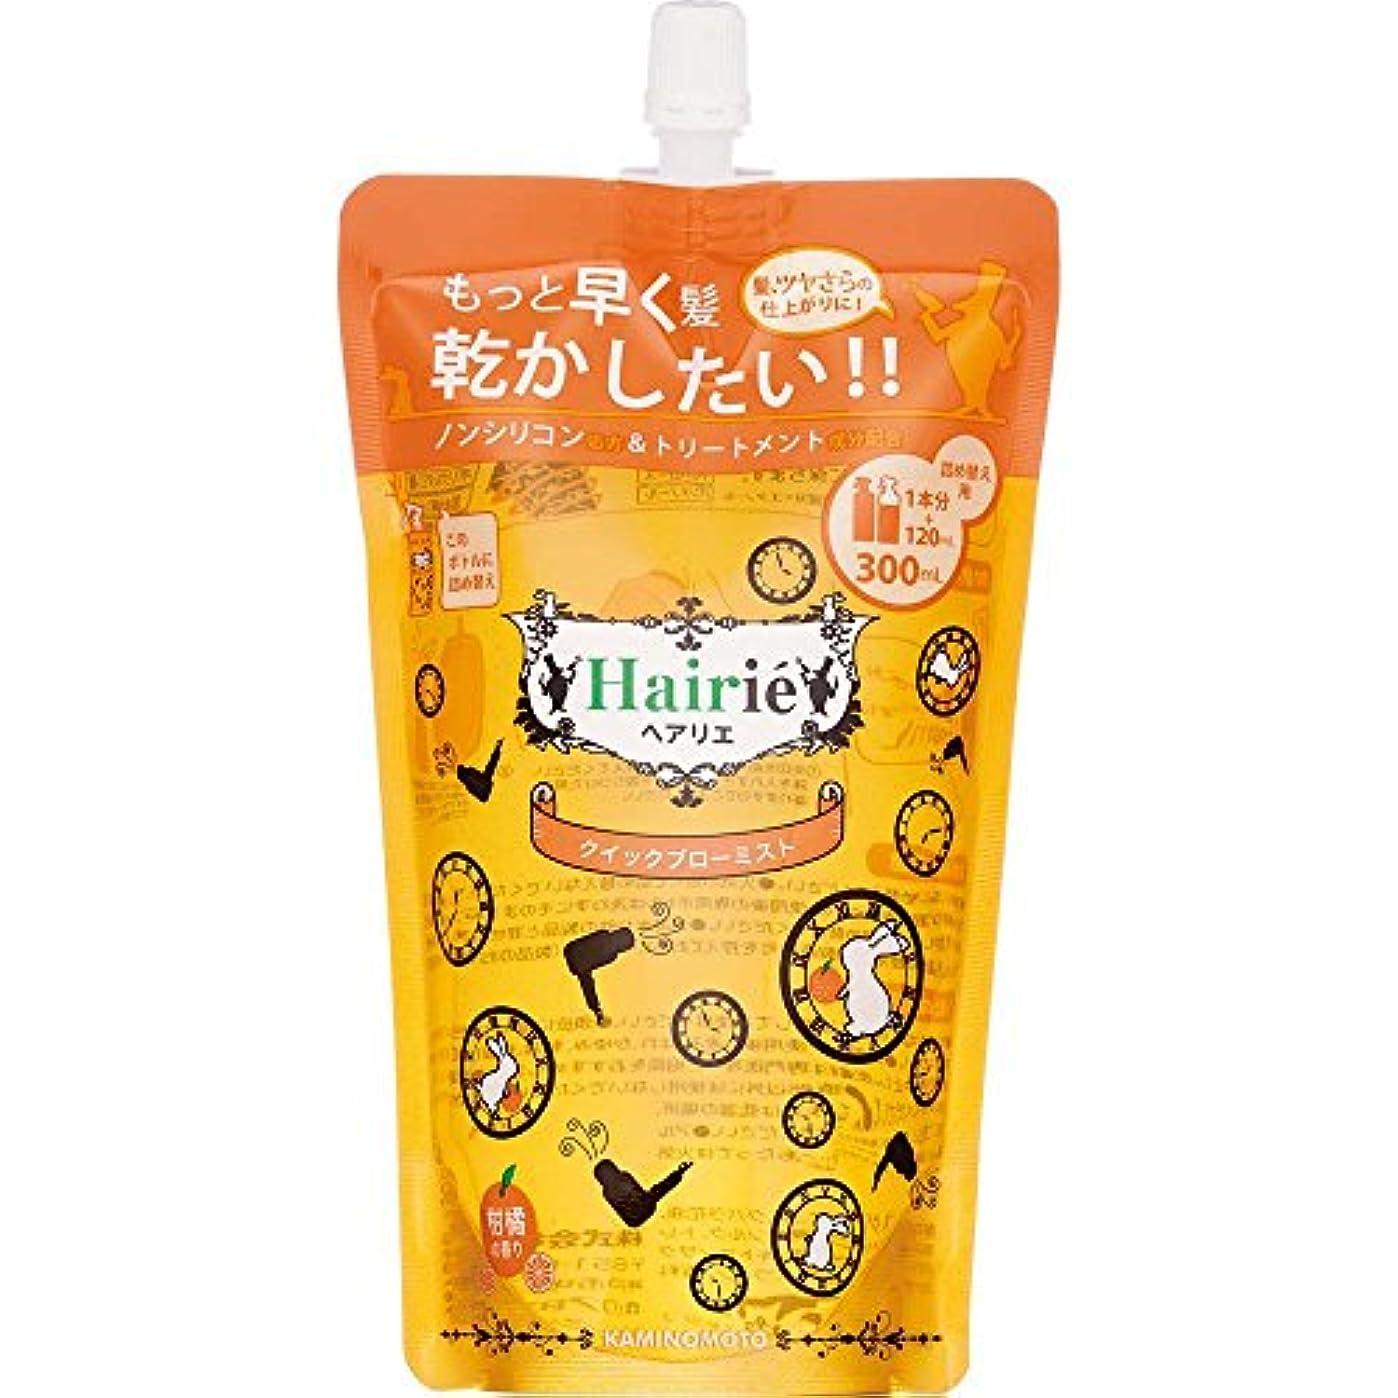 申請中リールバックグラウンドヘアリエ クイックブローミスト 柑橘の香り 詰め替え 300mL